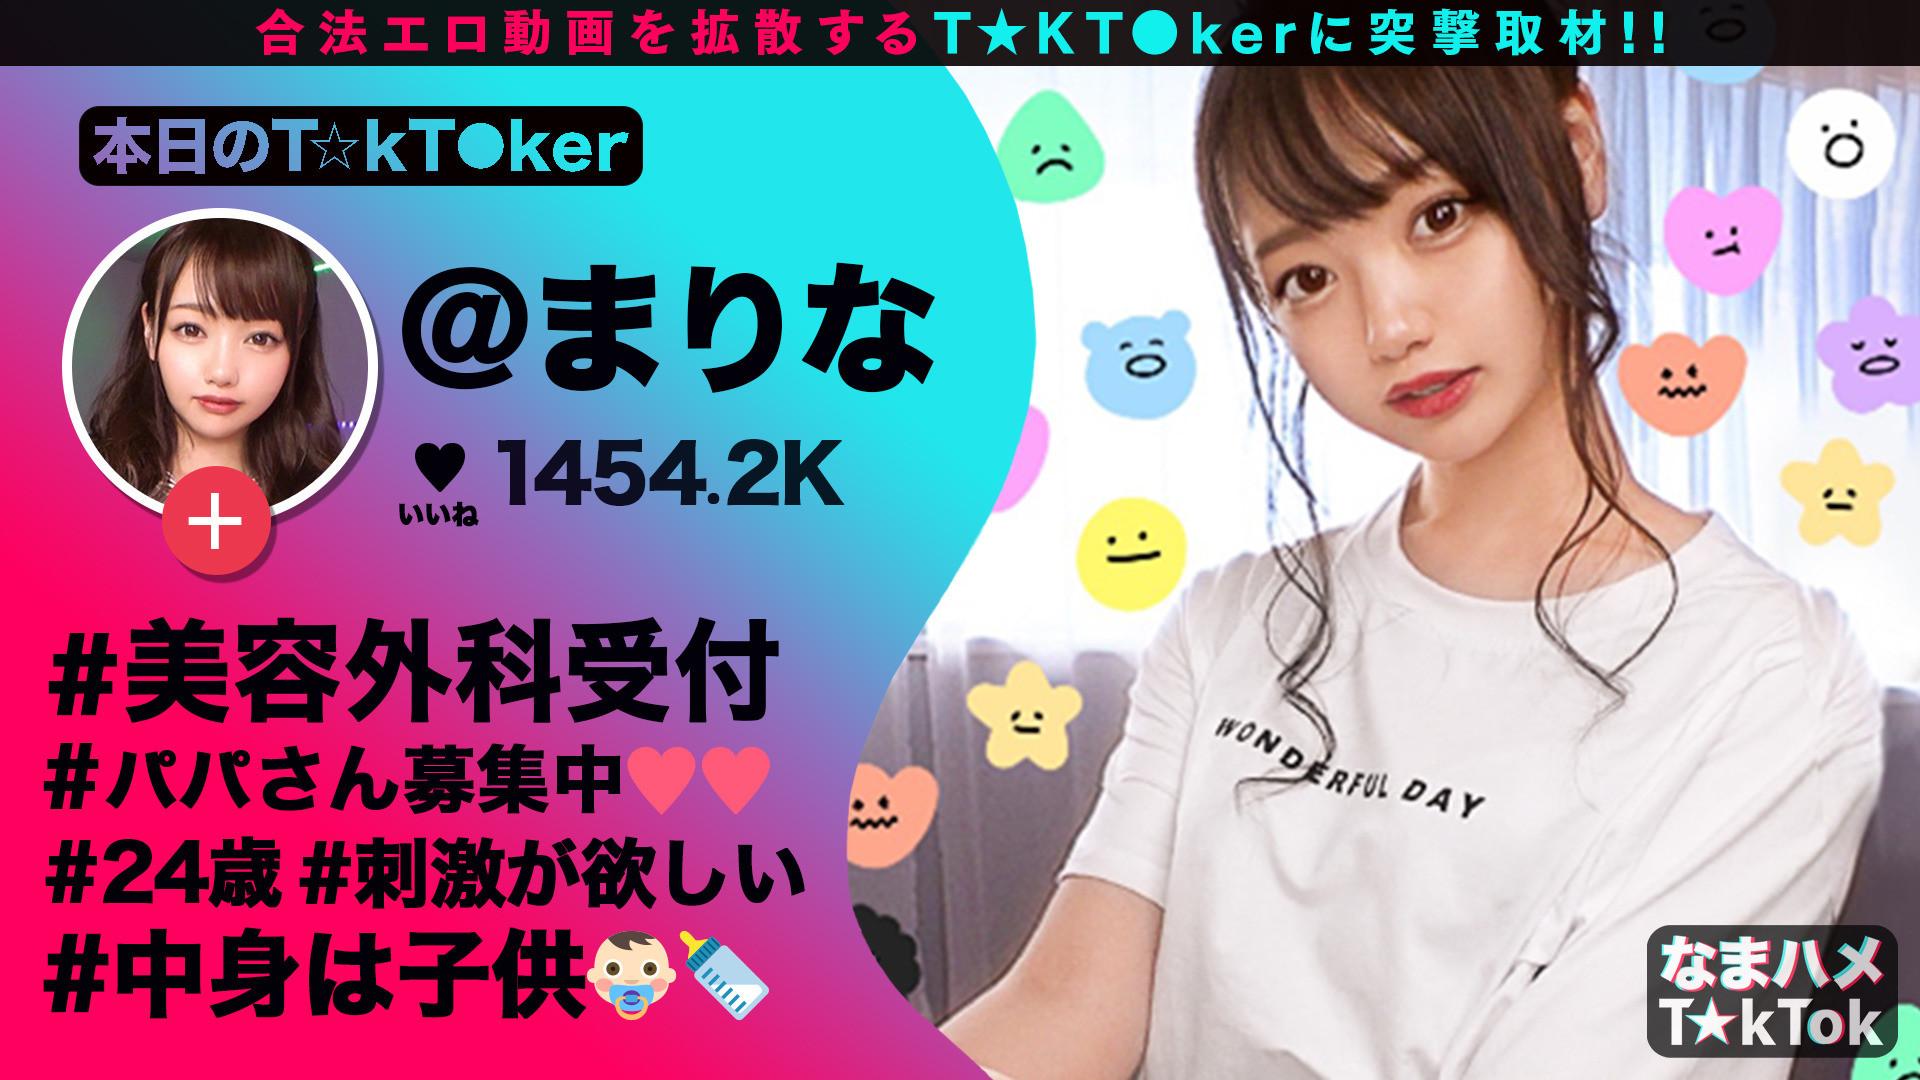 なまハメT★kTok Vol.04